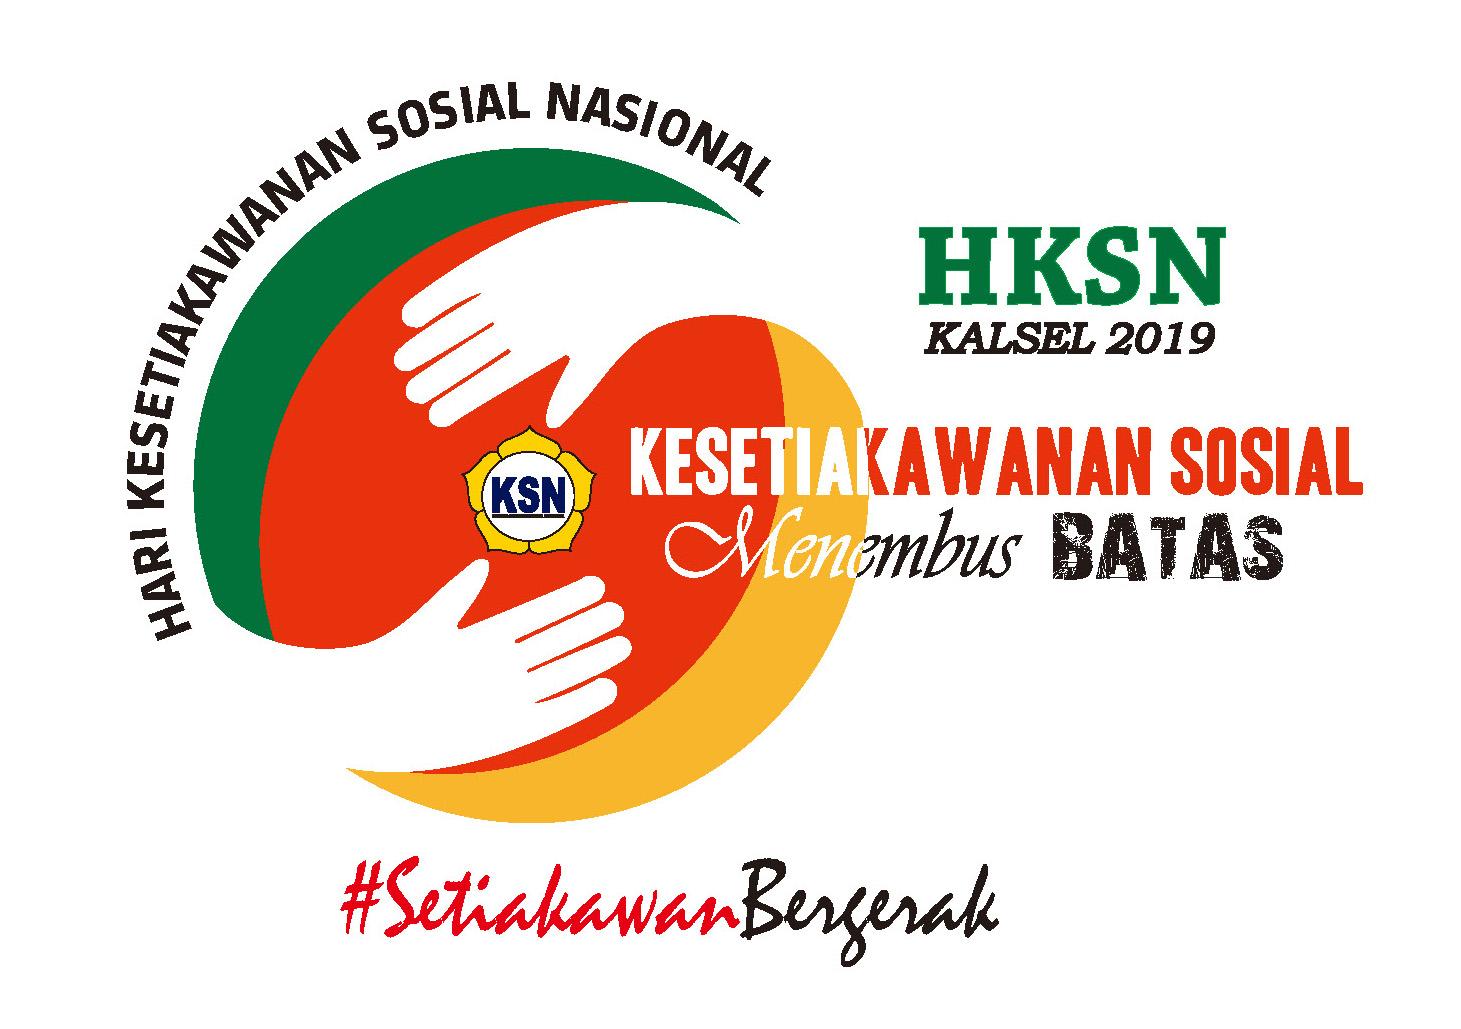 HKSN 2019